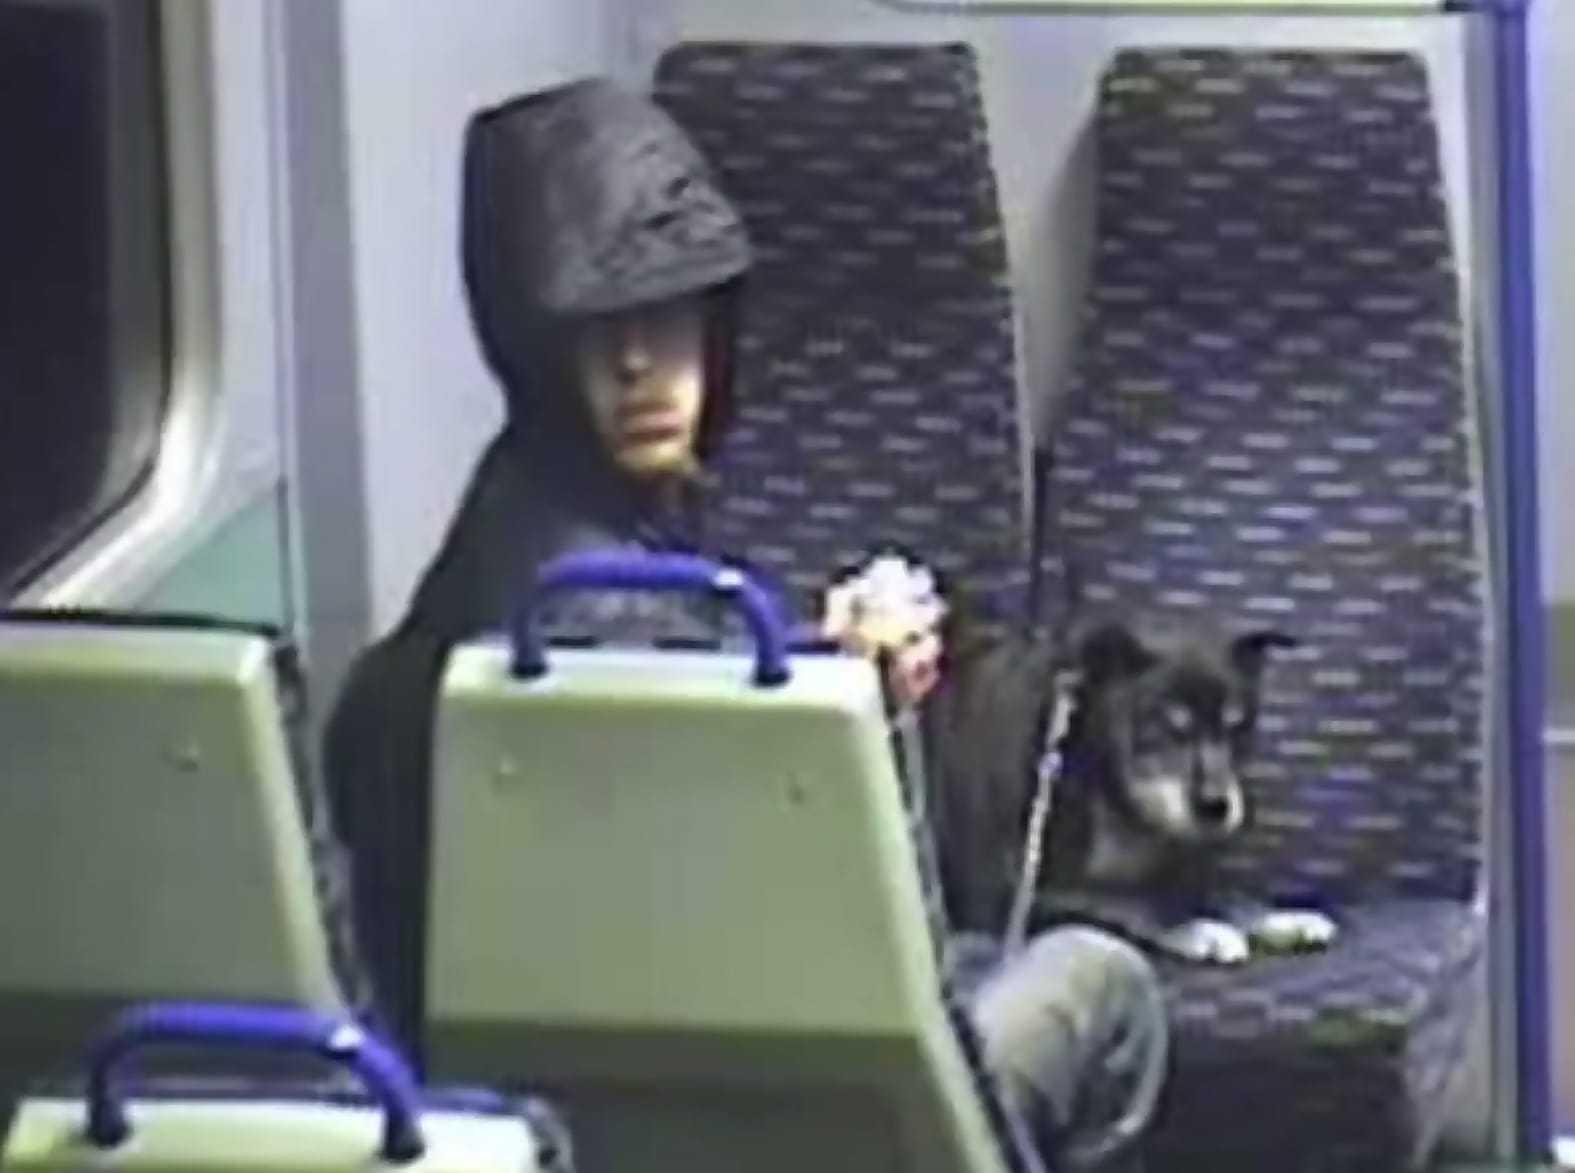 Mężczyzna wsiadł do pociągu i zaczął kopać i dusić psa. To co stało się później powoduje, że płaczę!